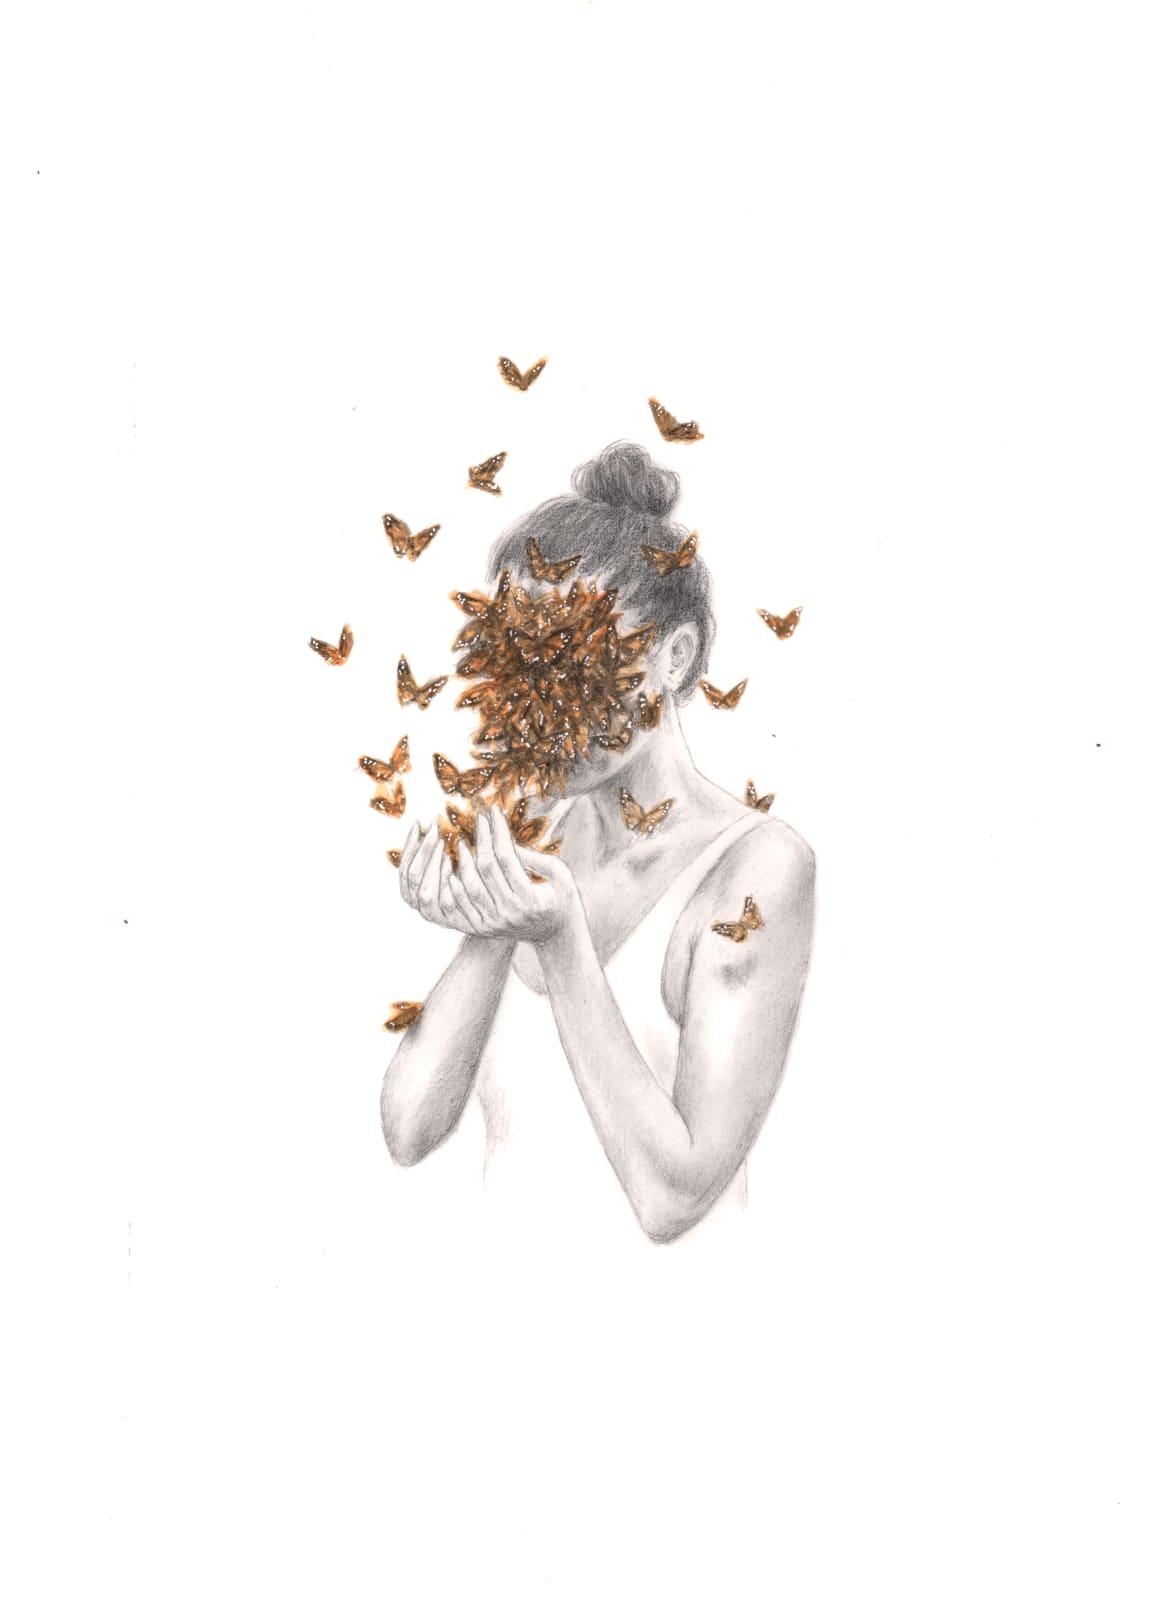 Rachel Goodyear, Butterflies (study), 2021